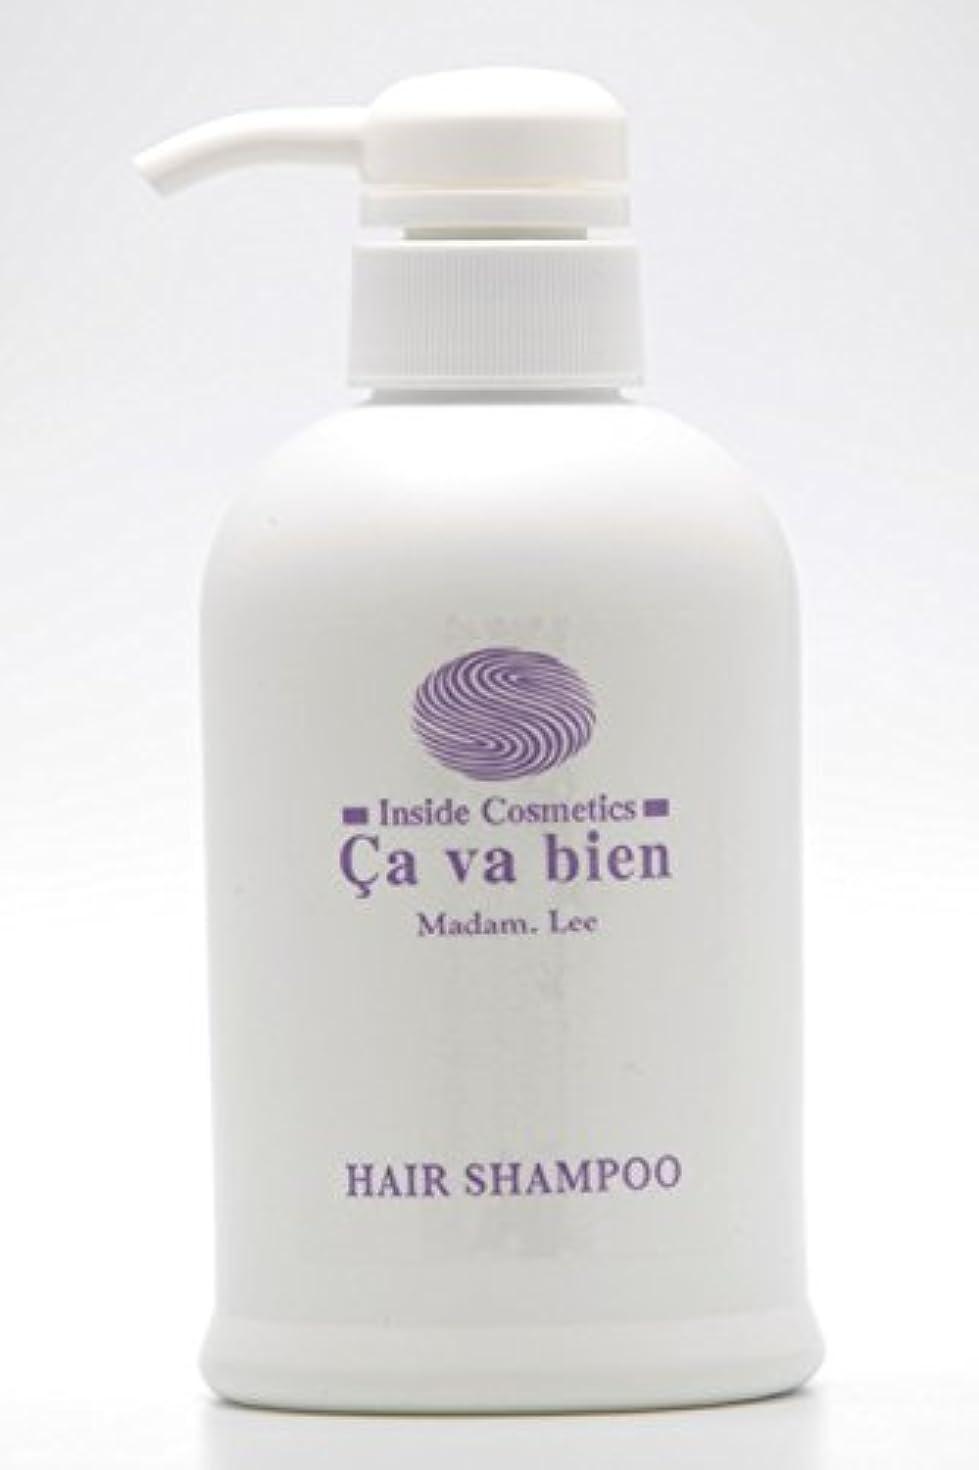 観点祝福事件、出来事アミノ酸シャンプー Hair Shampoo